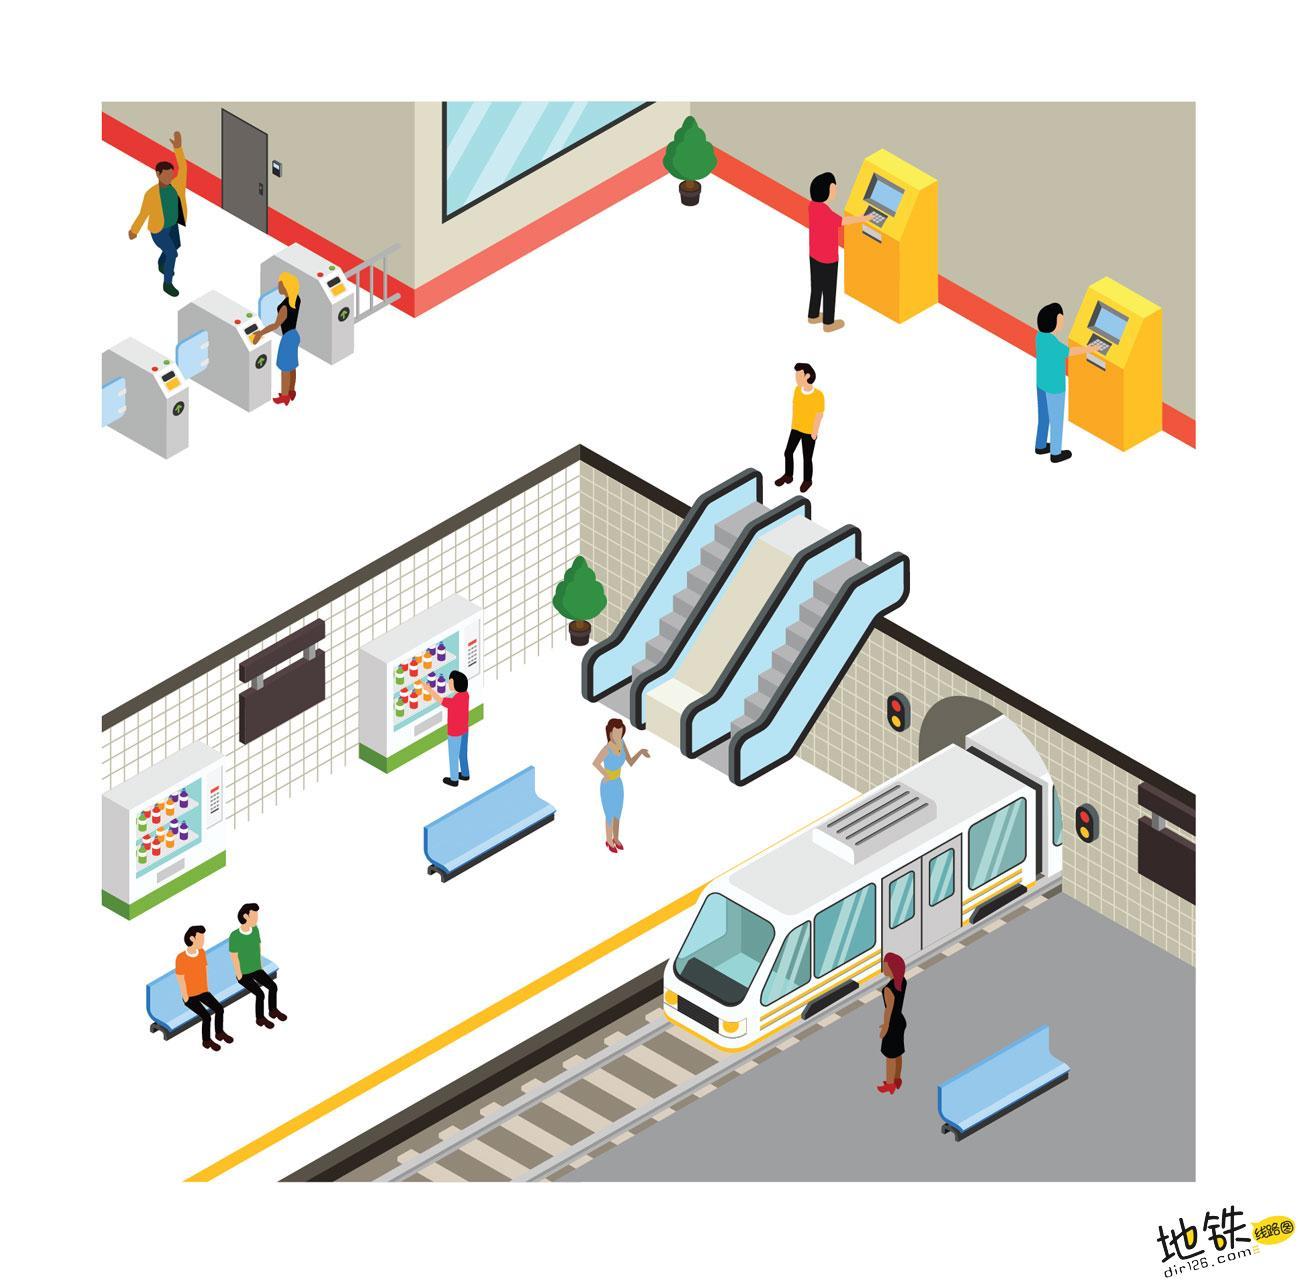 轨道交通建设地铁环线的重要性 地铁线路图 建设 环线 轨道交通 地铁 轨道知识  第2张